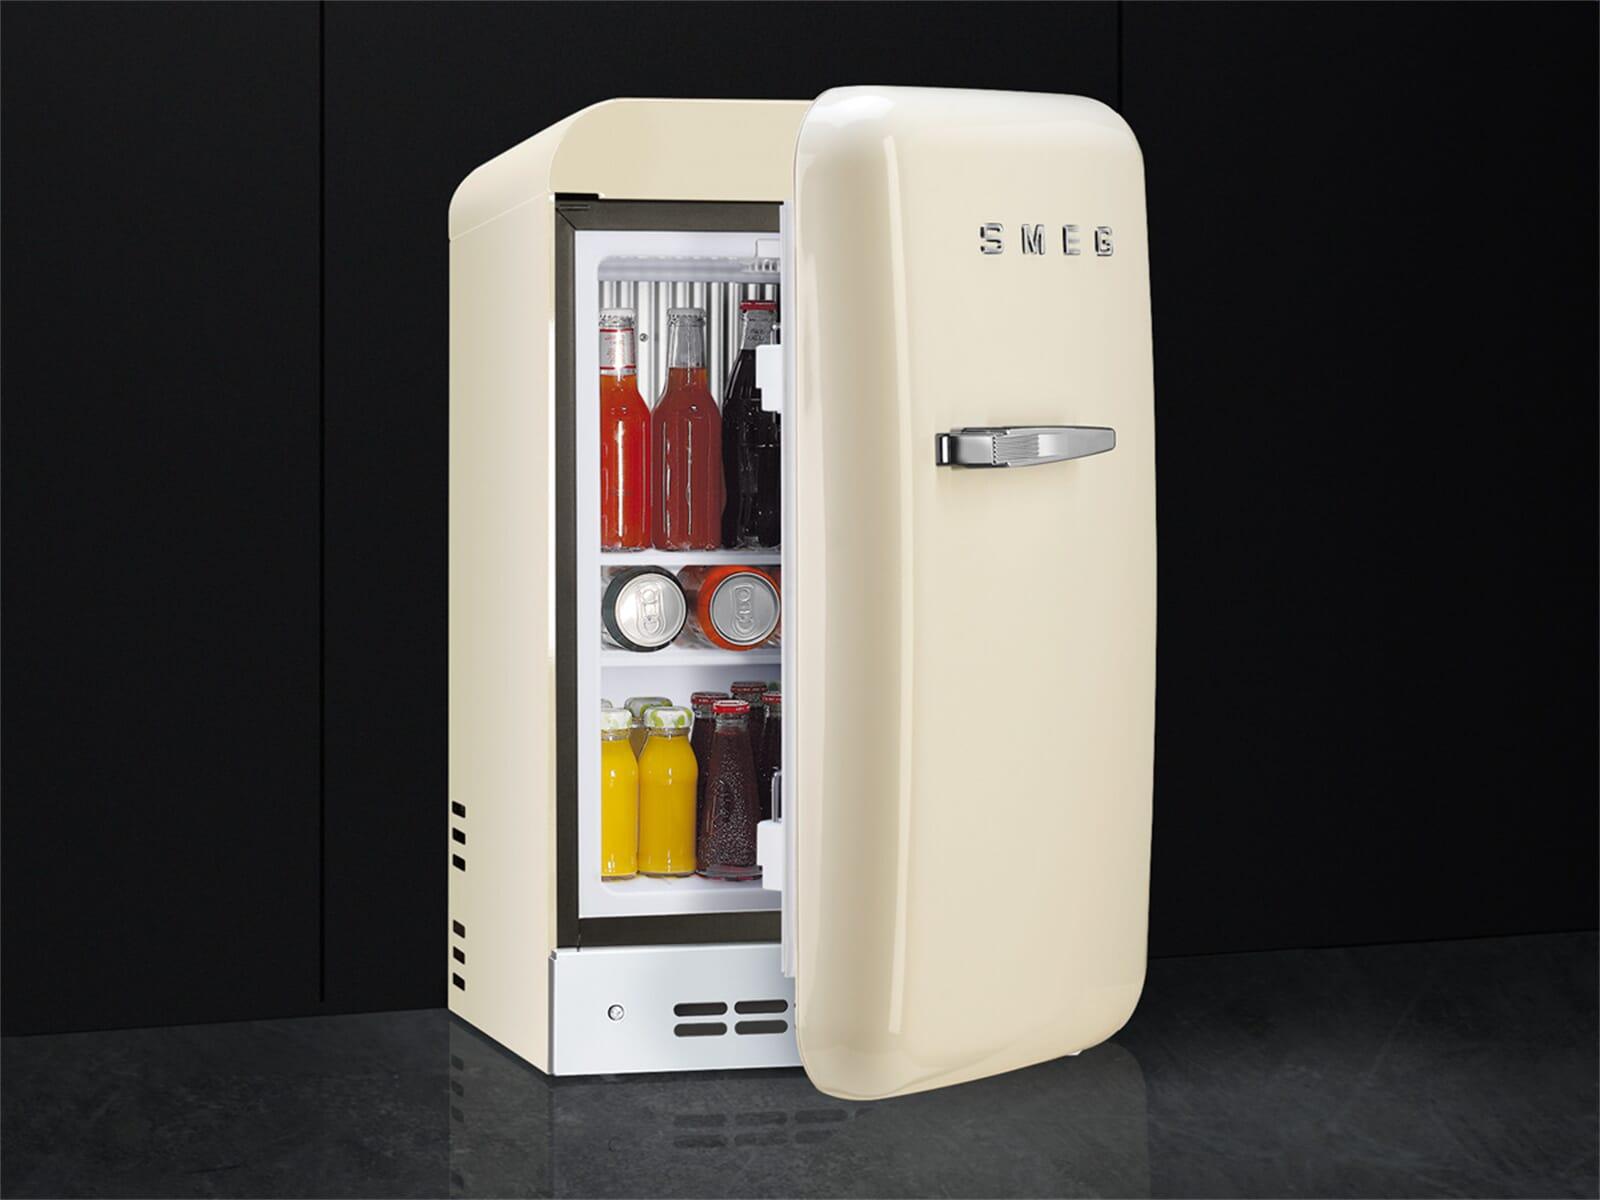 Smeg Kühlschrank Beige : Smeg kühlschrank geräusche handleiding smeg fa 550 x pagina 19 van